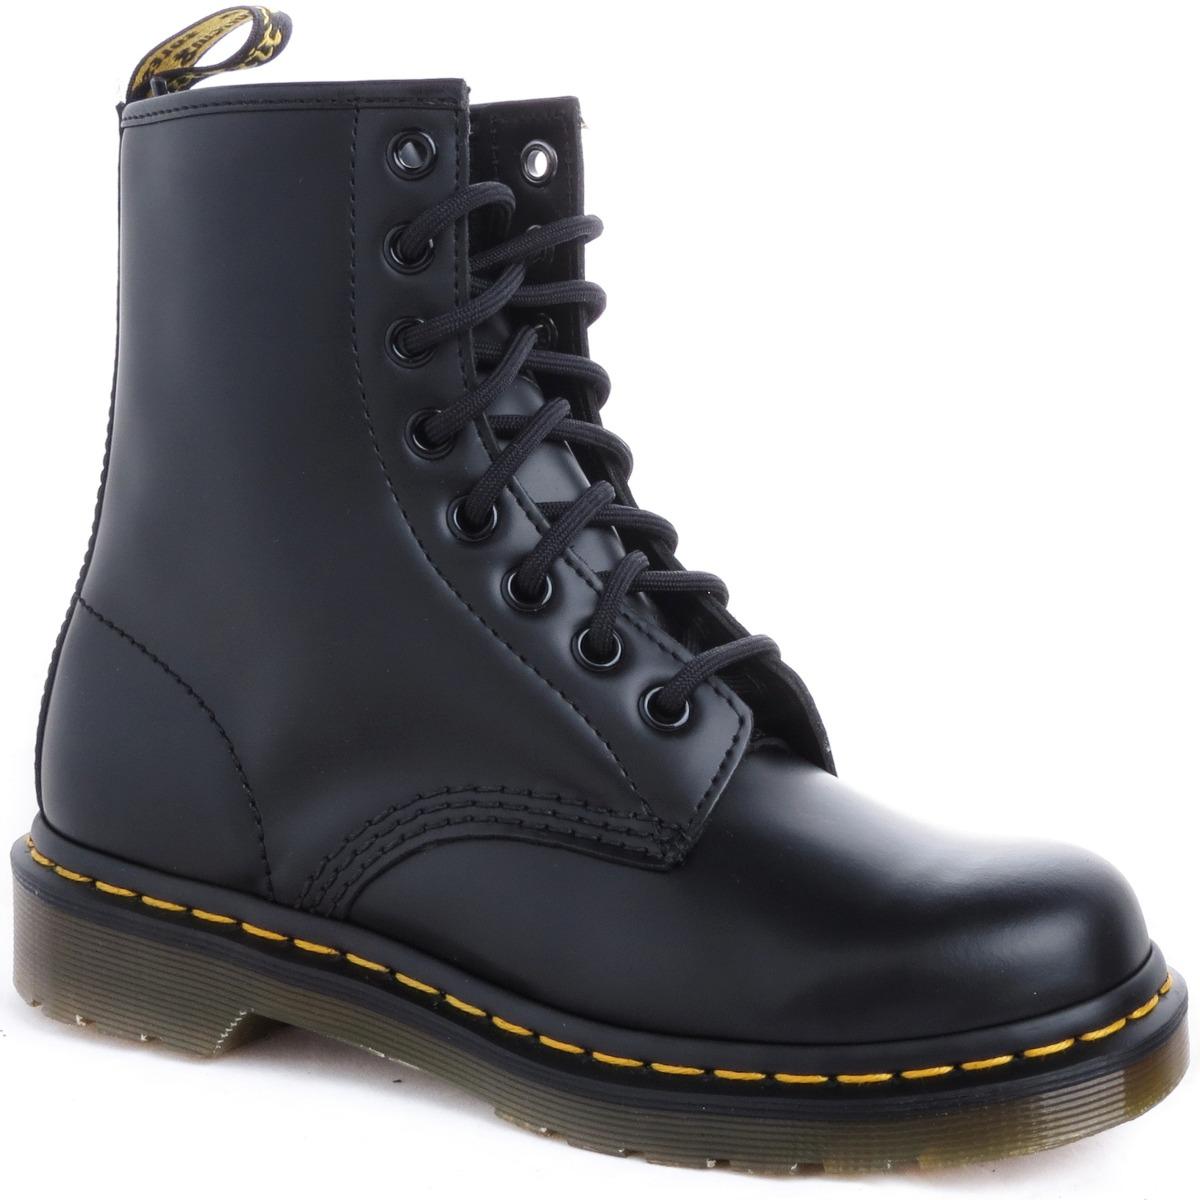 d2b1d1bb465 borcegos botas dr martens cuero hombre 1460 smooth importado. Cargando zoom.